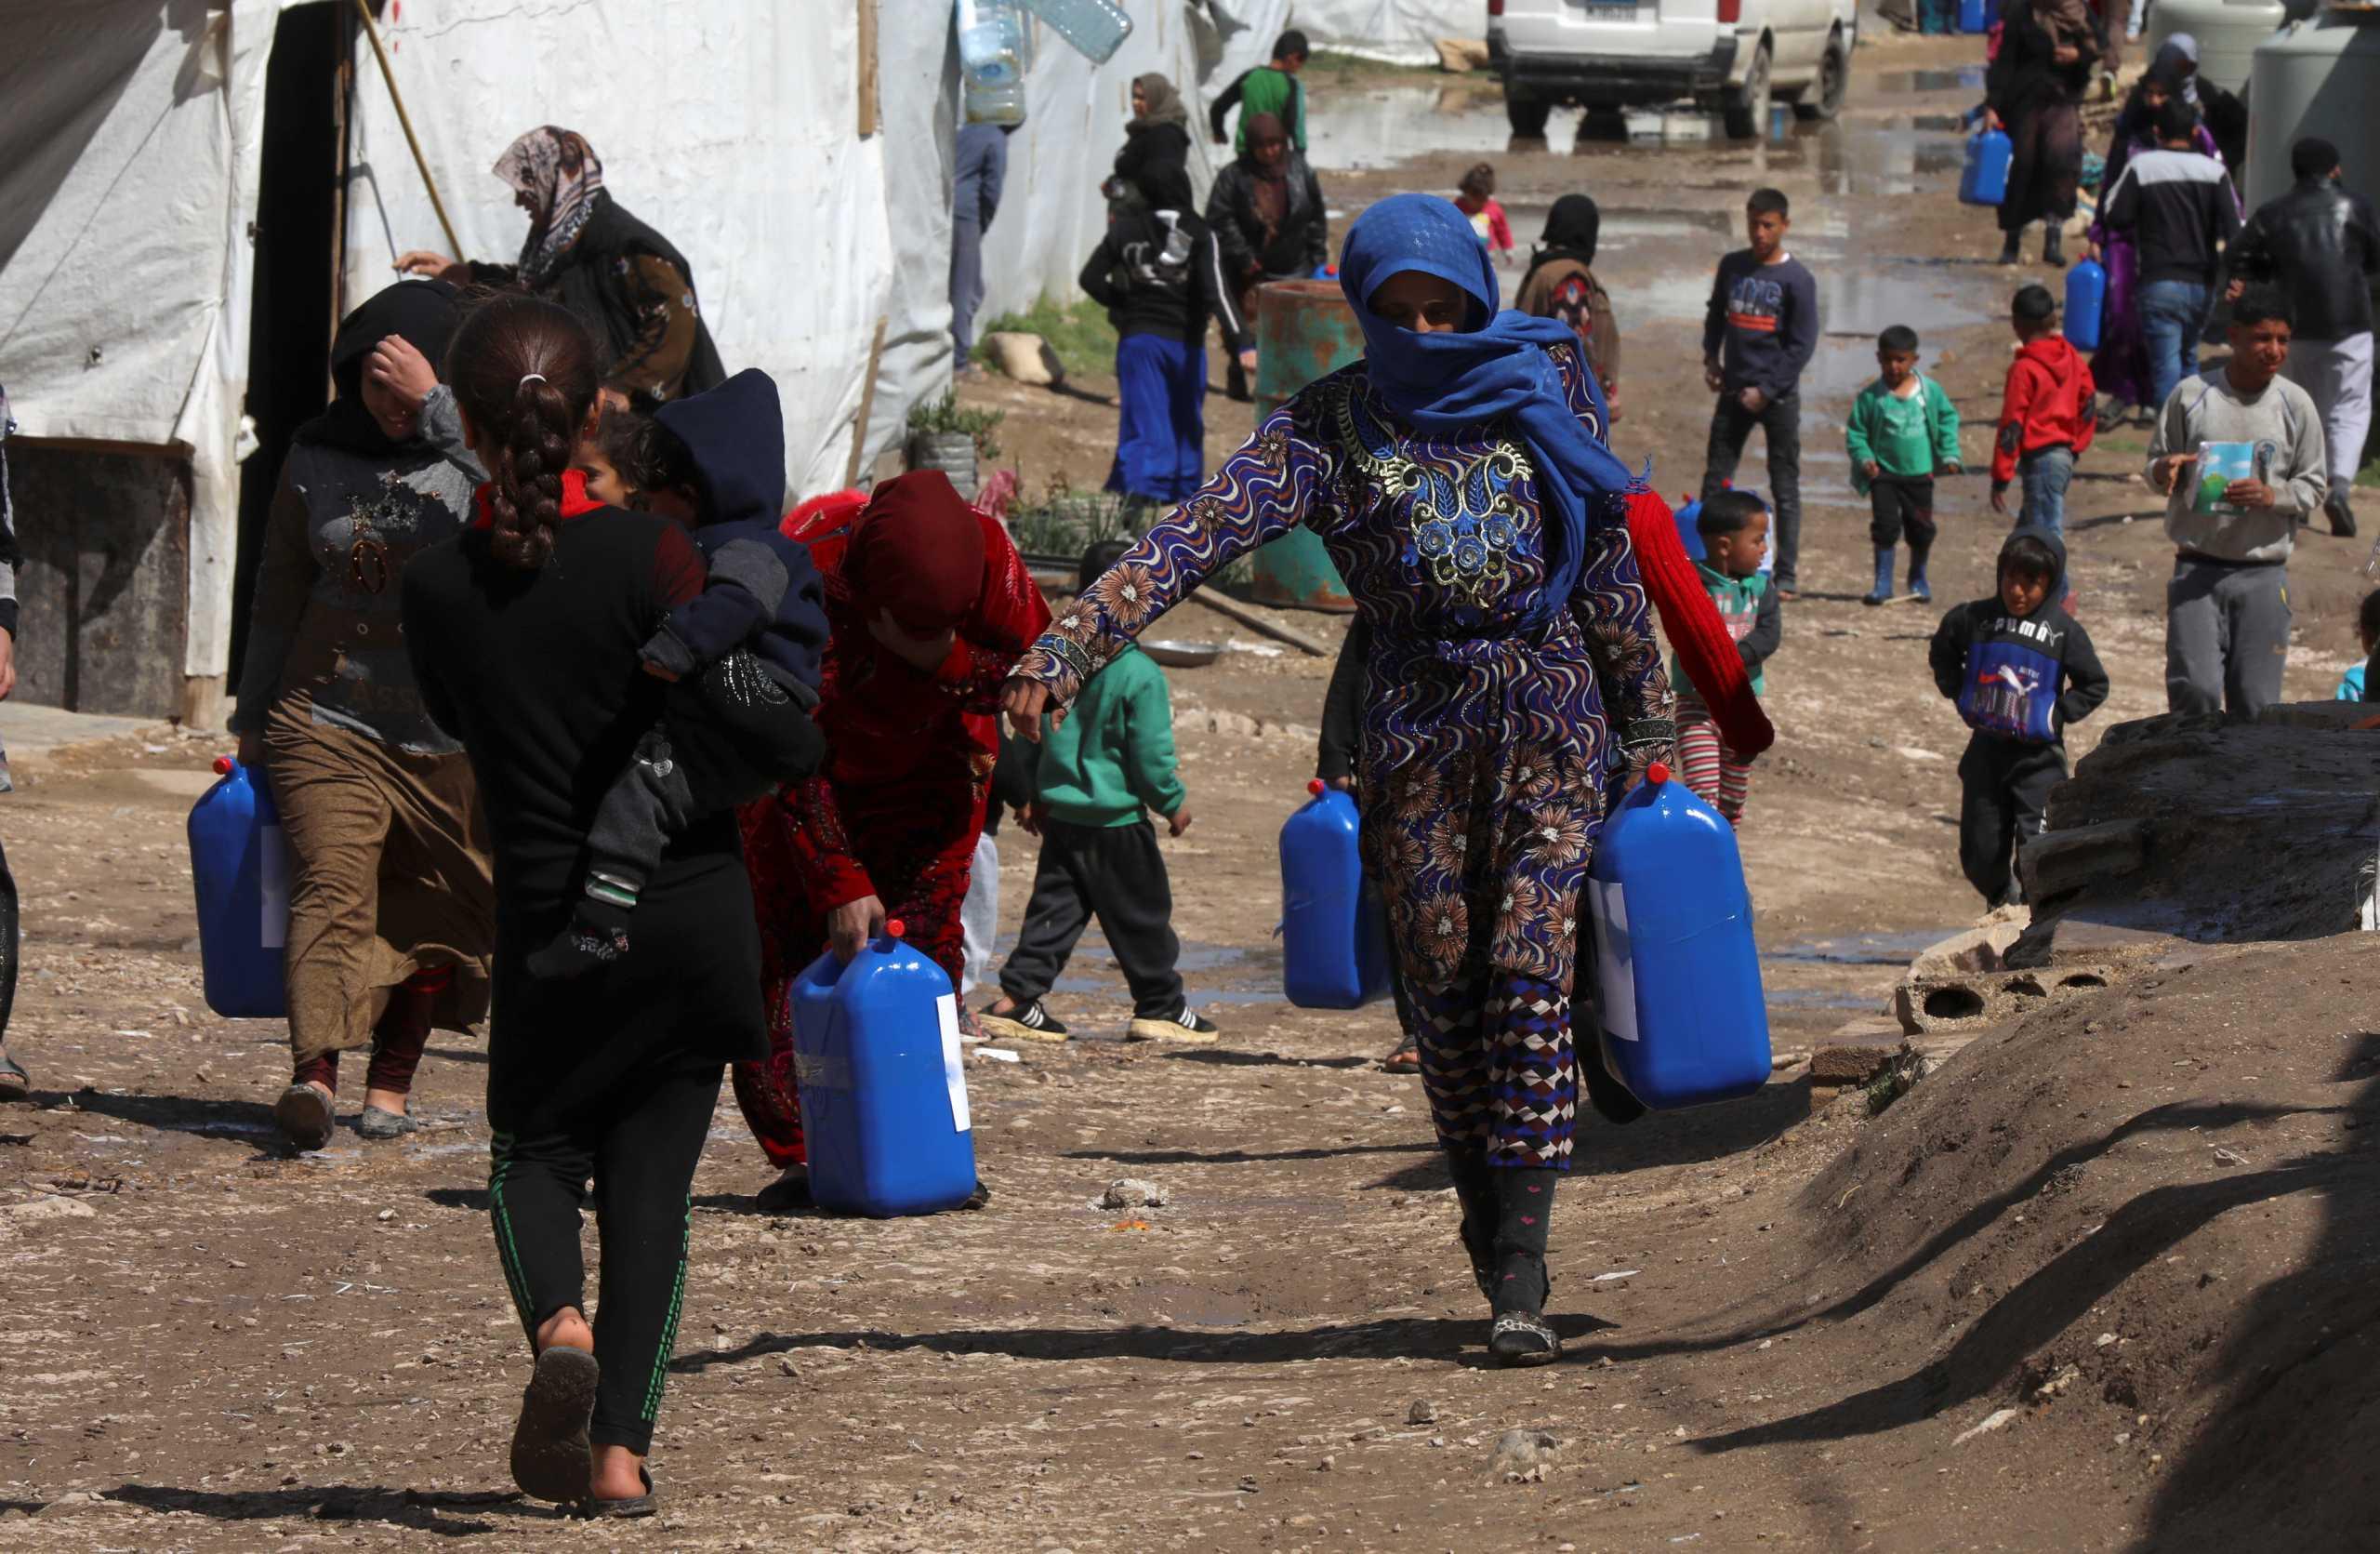 Συρία: 62 παιδιά έχουν χάσει τη ζωή τους σε καταυλισμούς προσφύγων – Μαρτυρίες μέσα από τα camp